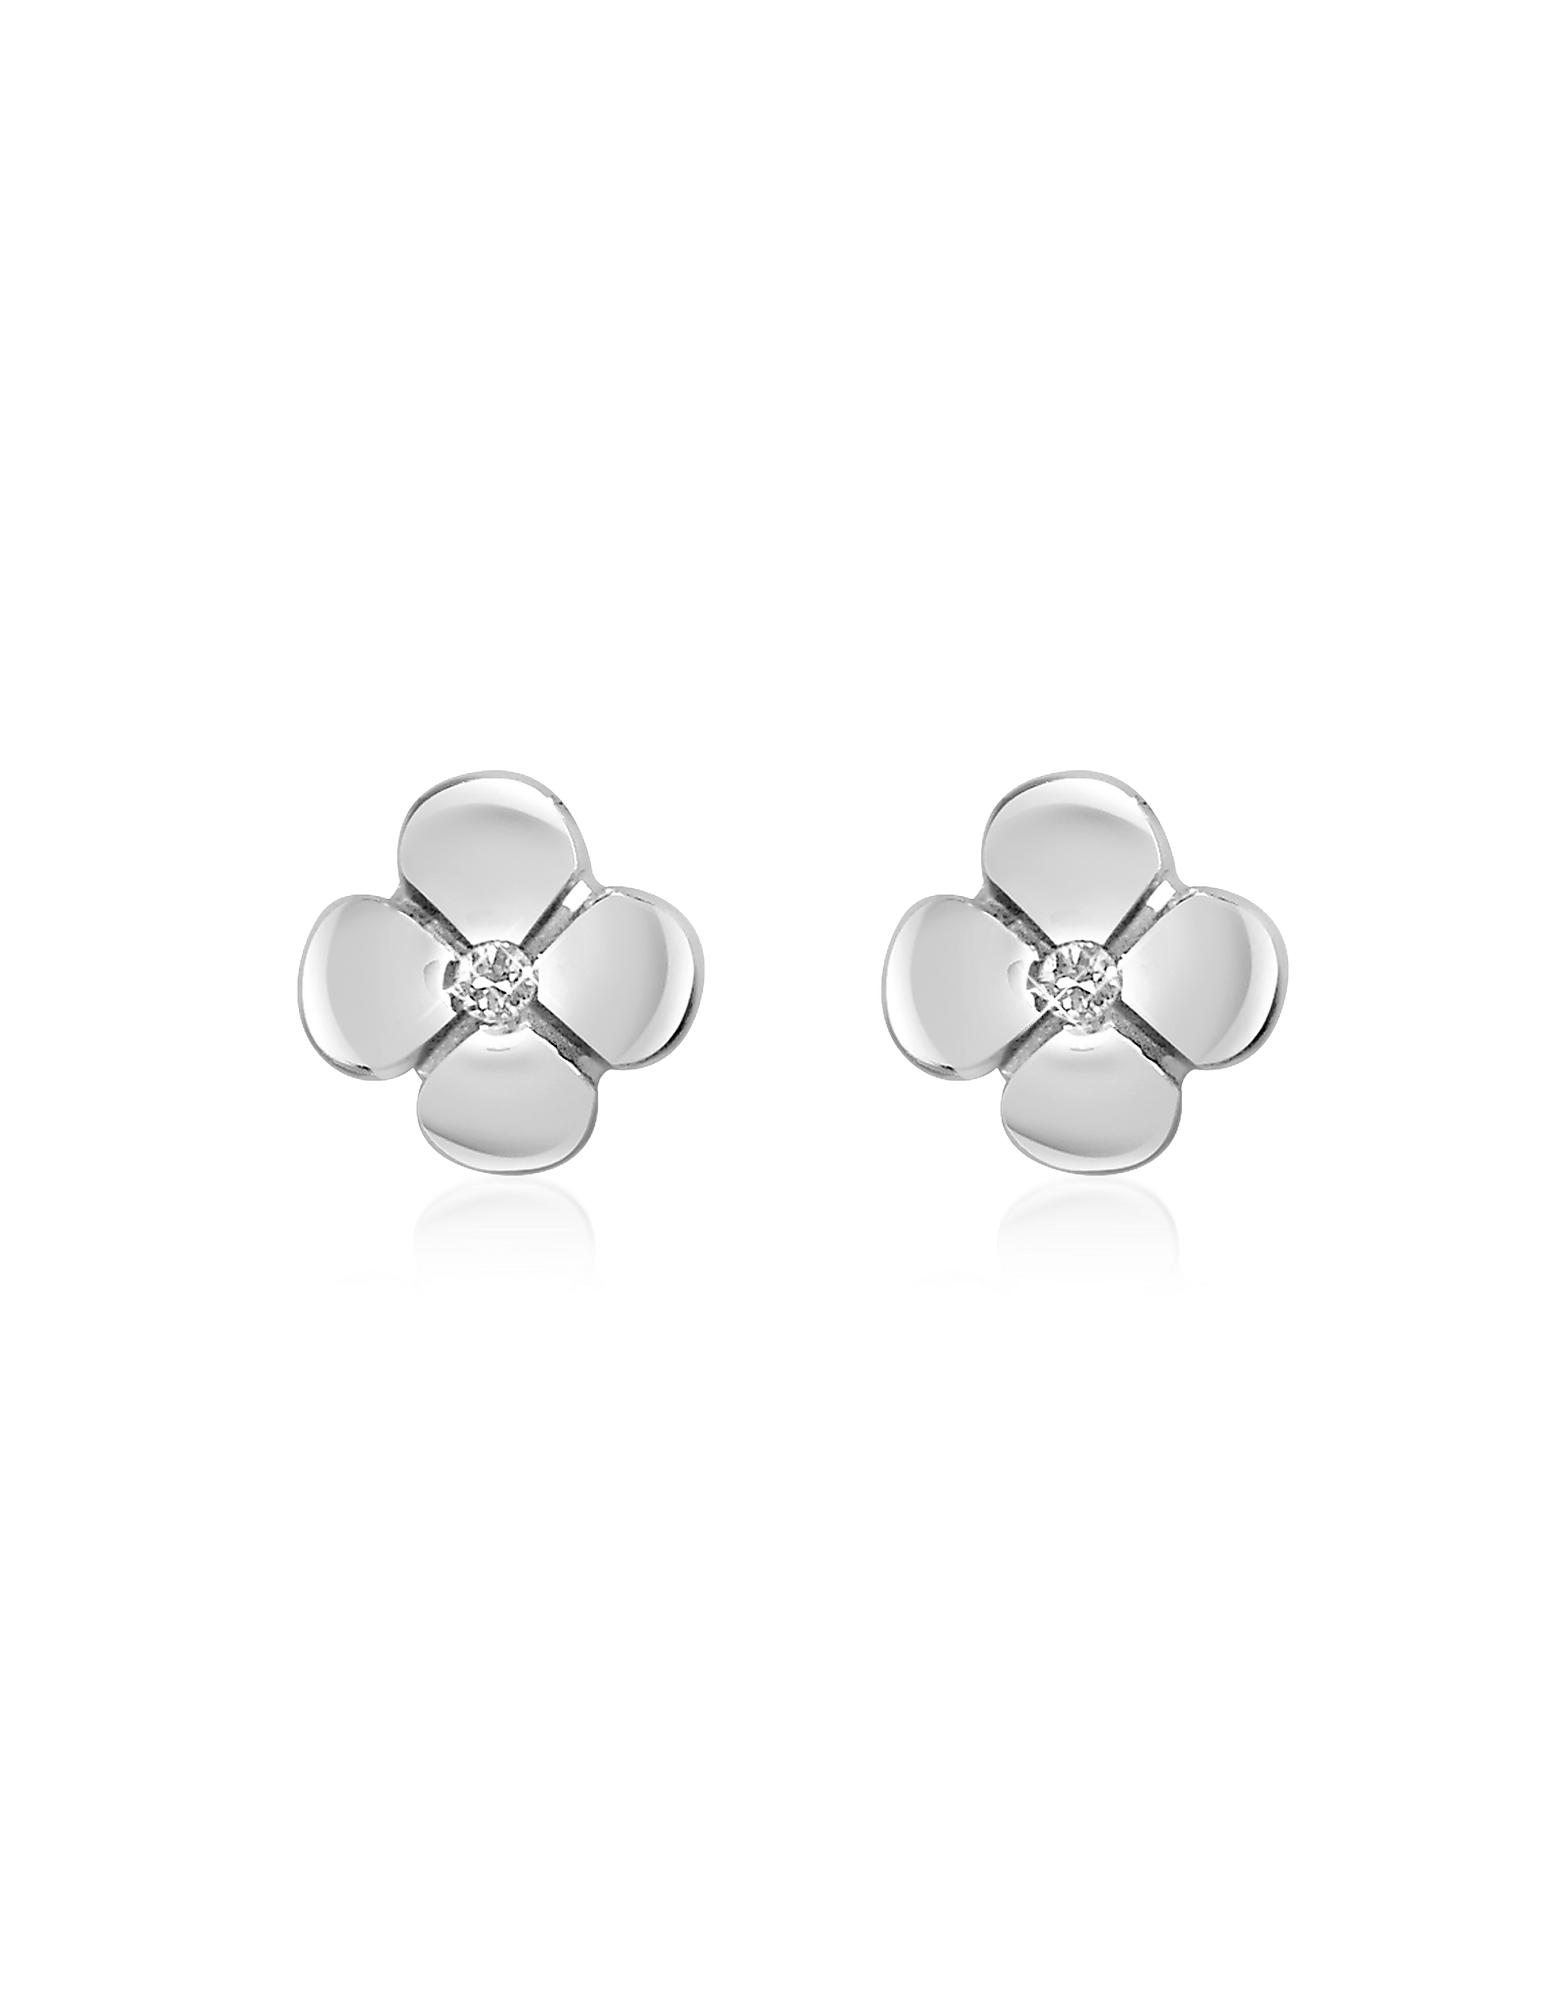 Forzieri Earrings, 0.055 ct Diamond Flower 18K Gold Earrings